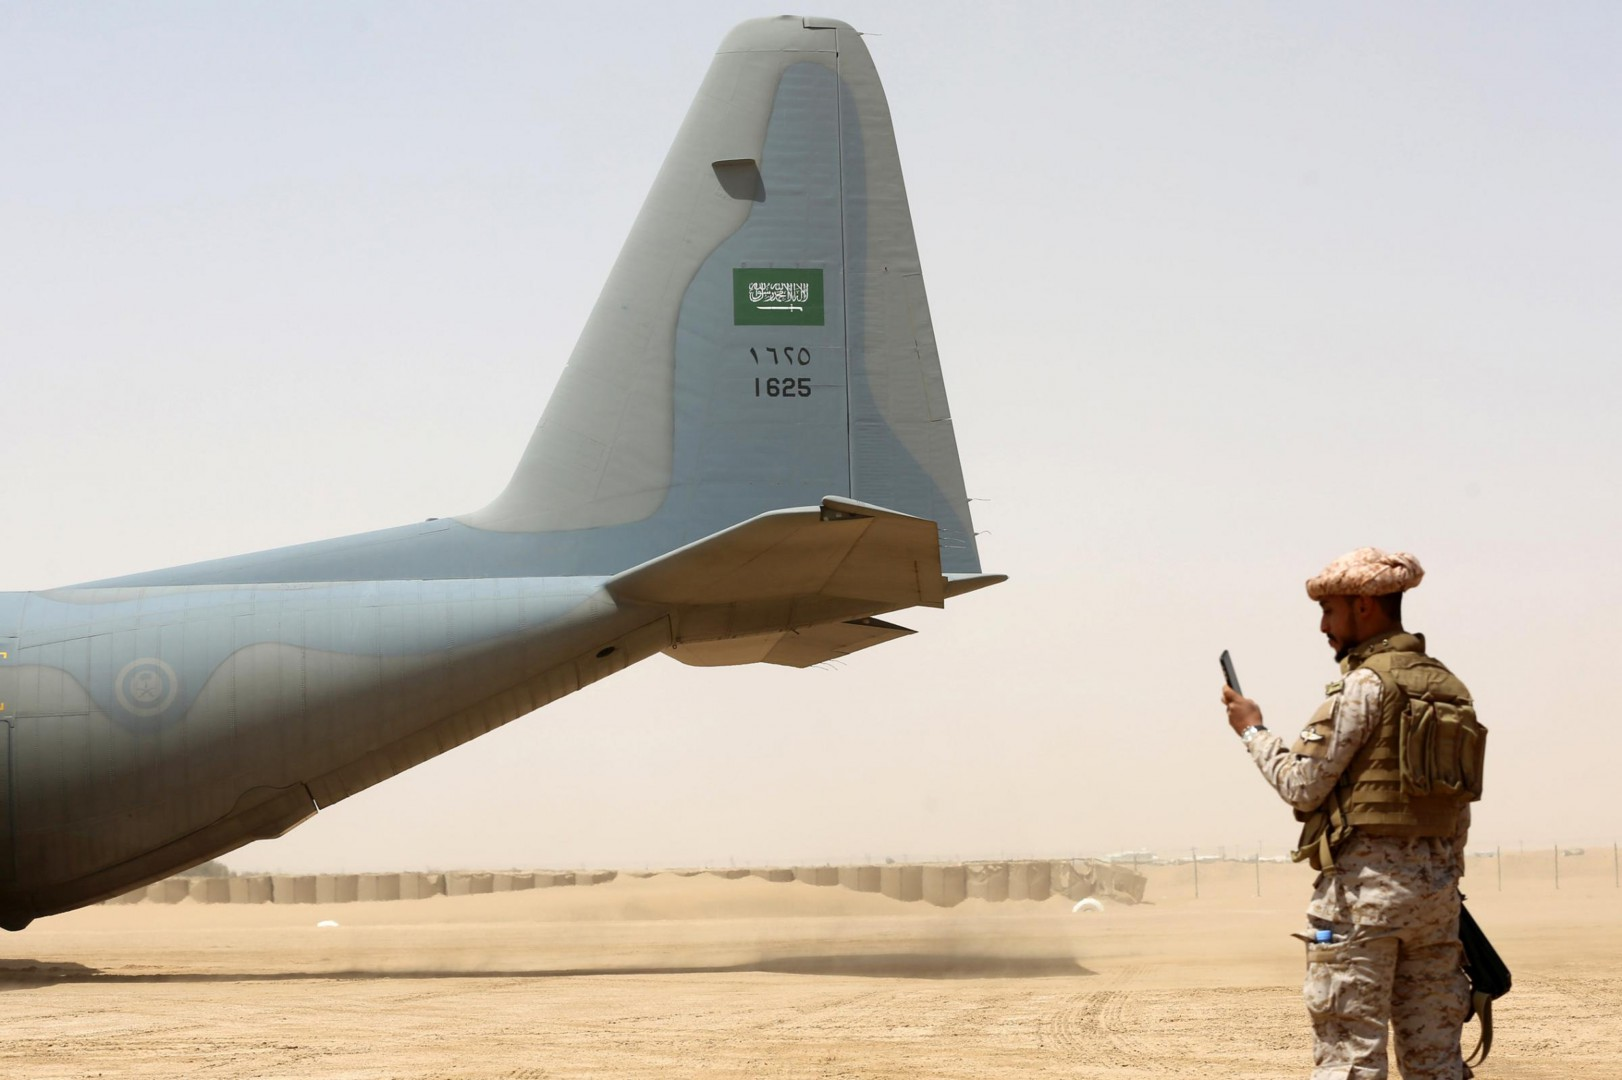 Un aereo della coalizione saudita in Yemen (LaPresse)